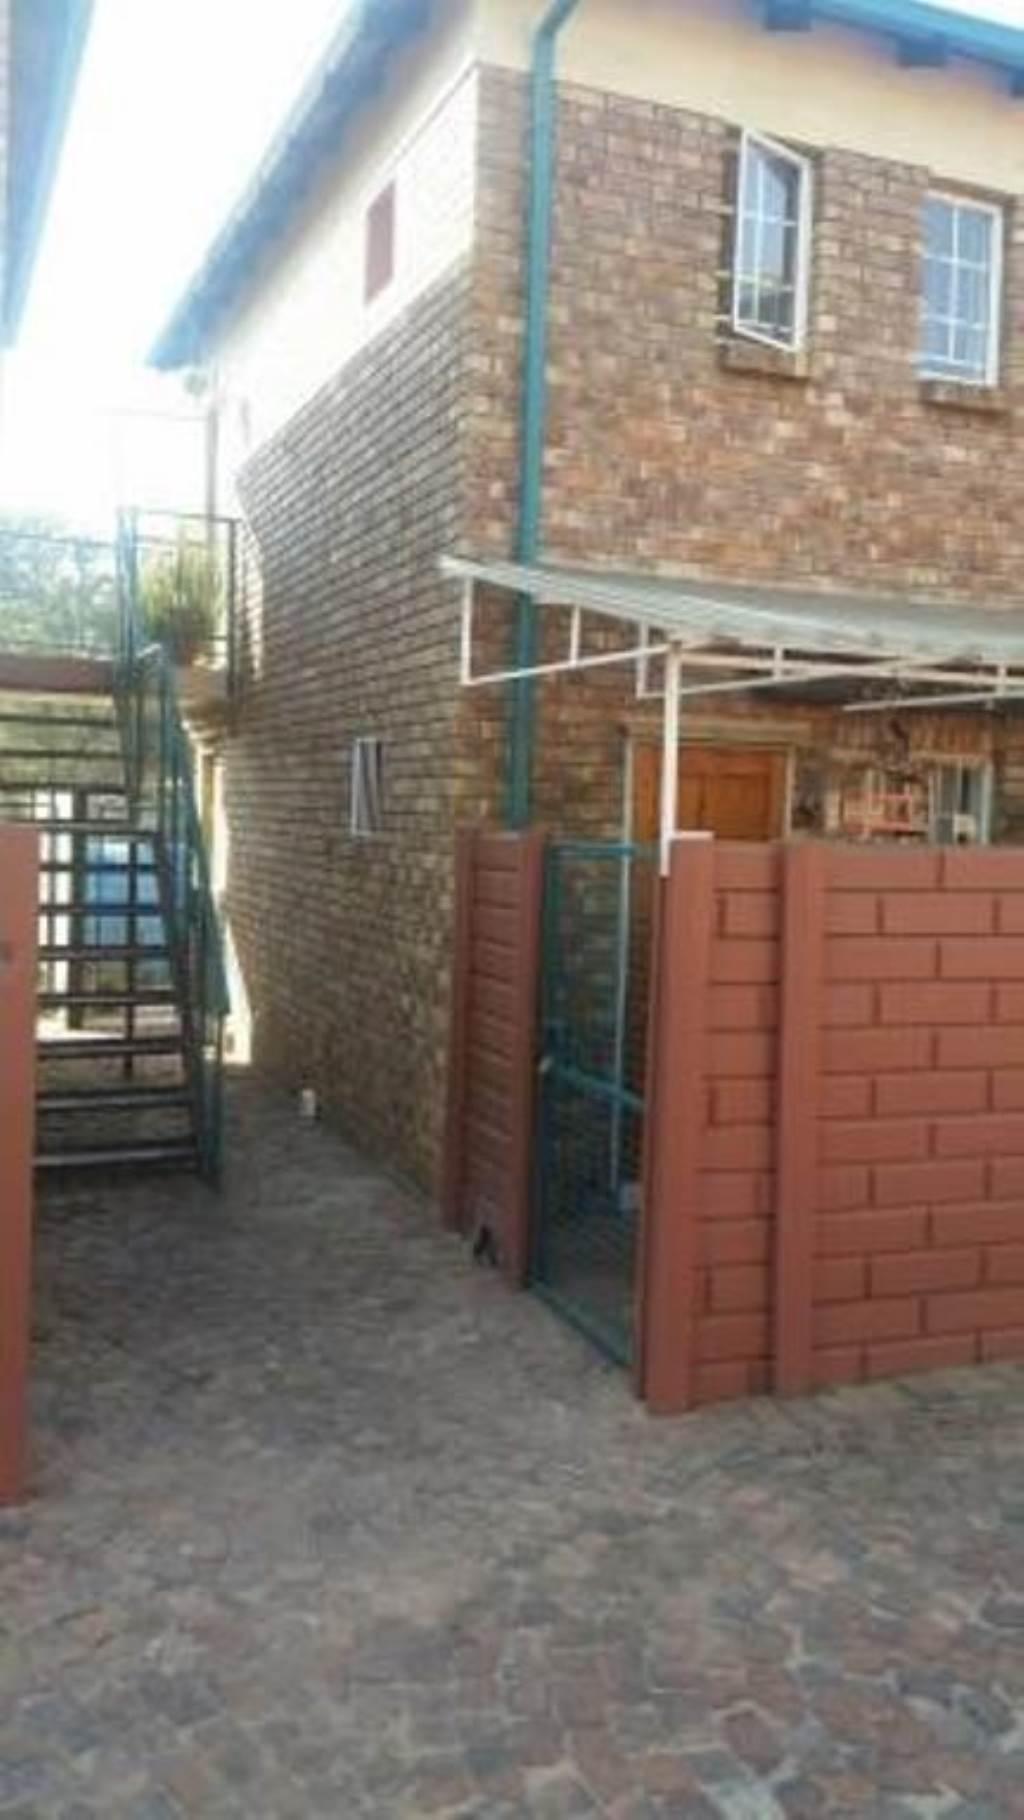 , Townhouse, 2 Bedrooms - ZAR 570,000